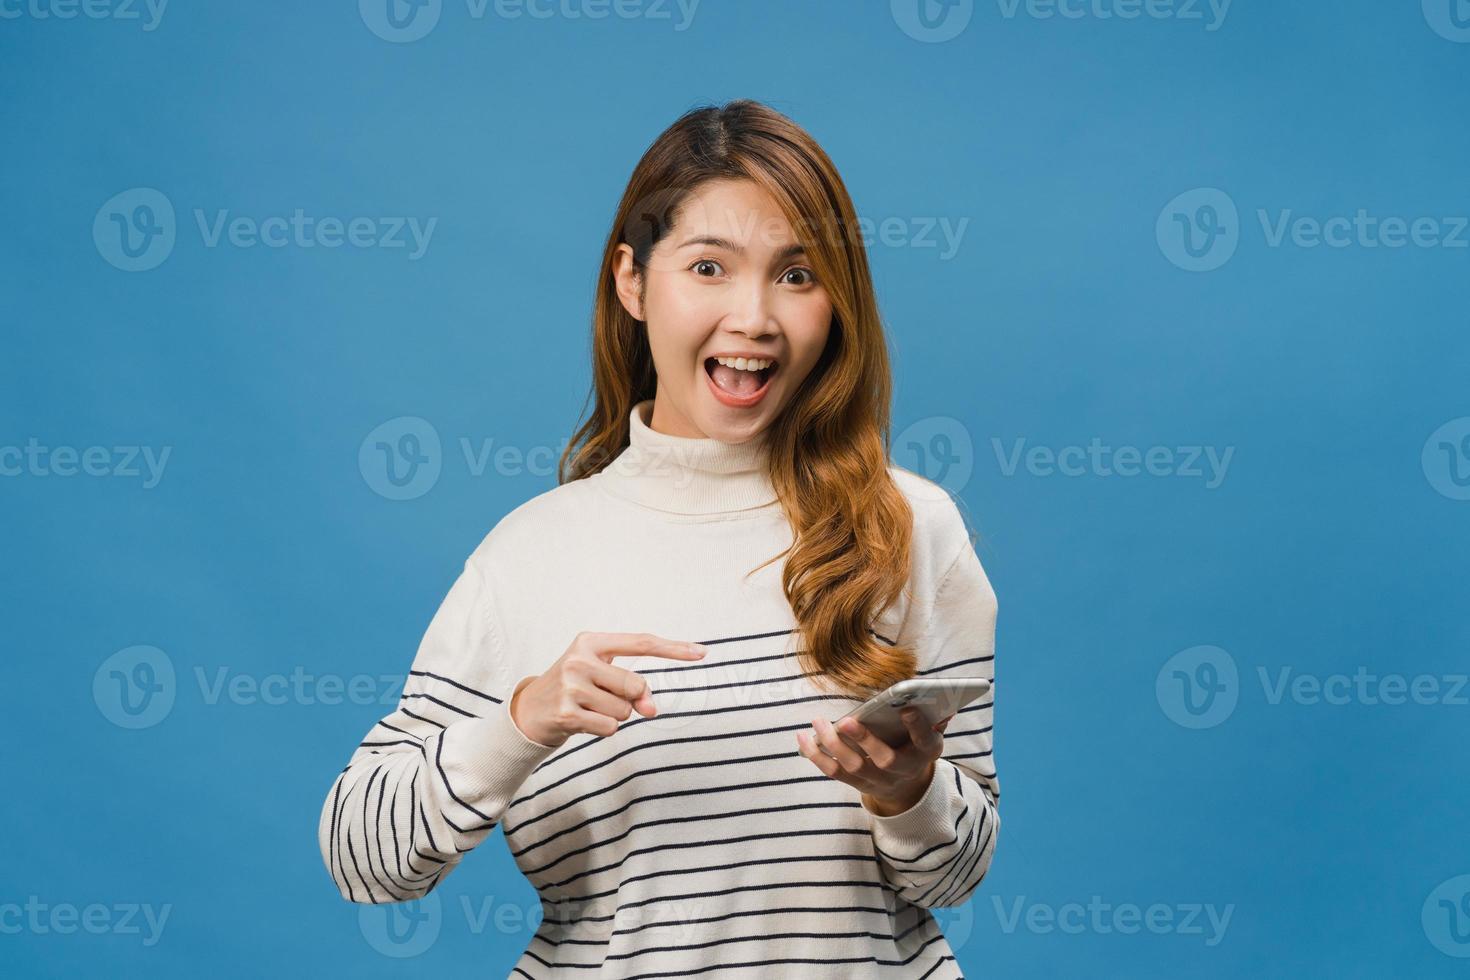 surpreendeu a jovem asiática usando telefone celular com expressão positiva, amplamente sorri, vestida com roupas casuais e olhando para a câmera sobre fundo azul. feliz adorável feliz mulher alegra sucesso. foto